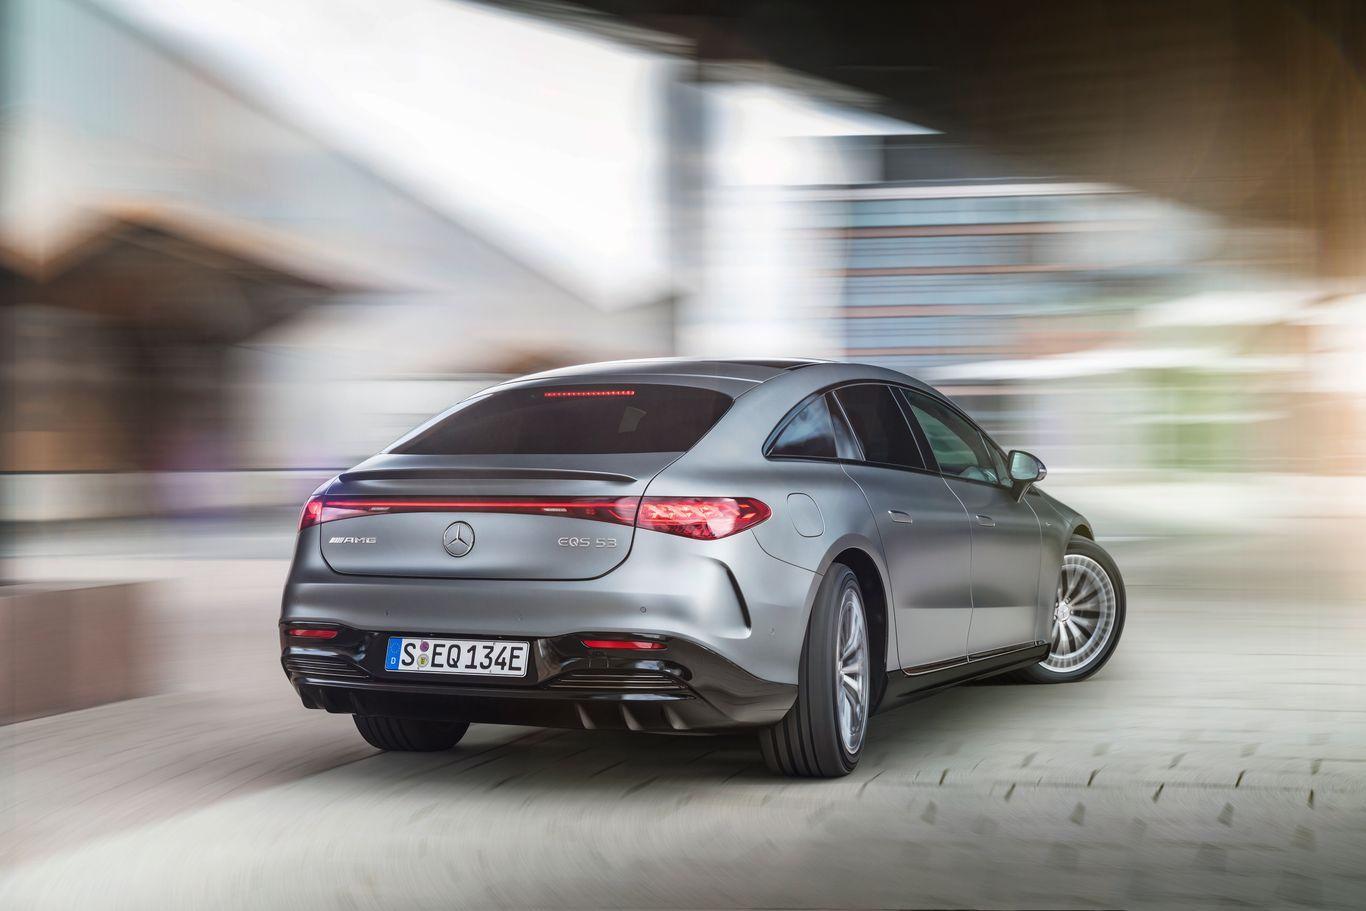 Har du set Mercedes række af nye 'EQ-biler', ved du også, at der ikke er ret meget sedan-form over nogen af dem. Og det er der en grund til, mener Mercedes' designchef, Gorden Wagener.